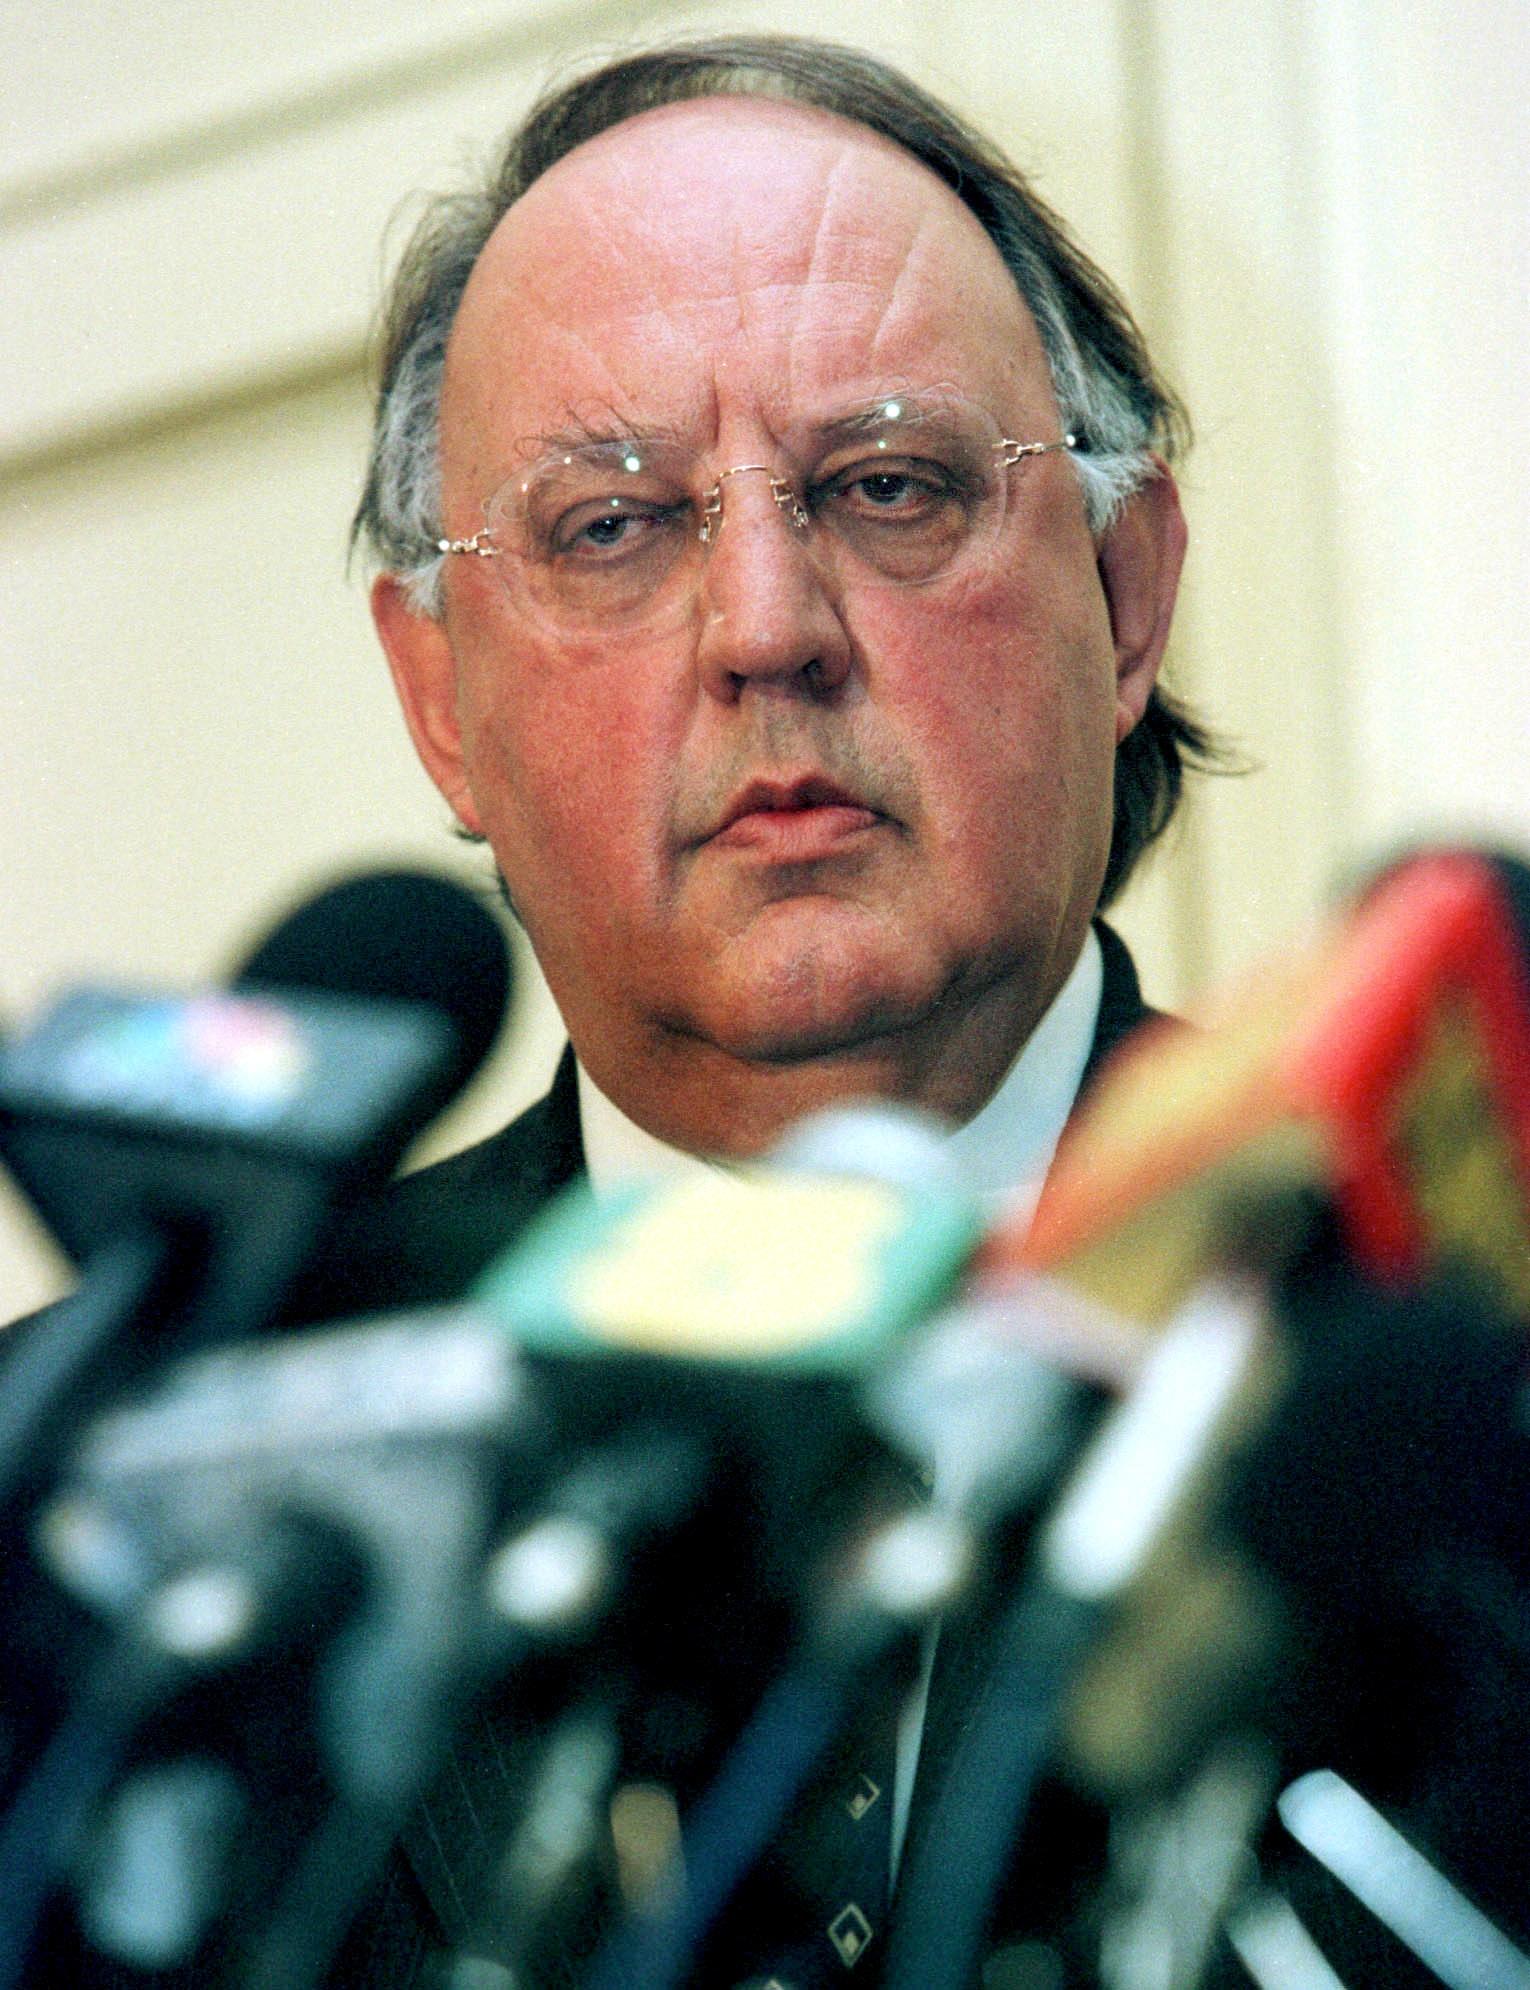 Yunanistan'da eski Dışişleri Bakanı Pangalos hakkında suç duyurusu